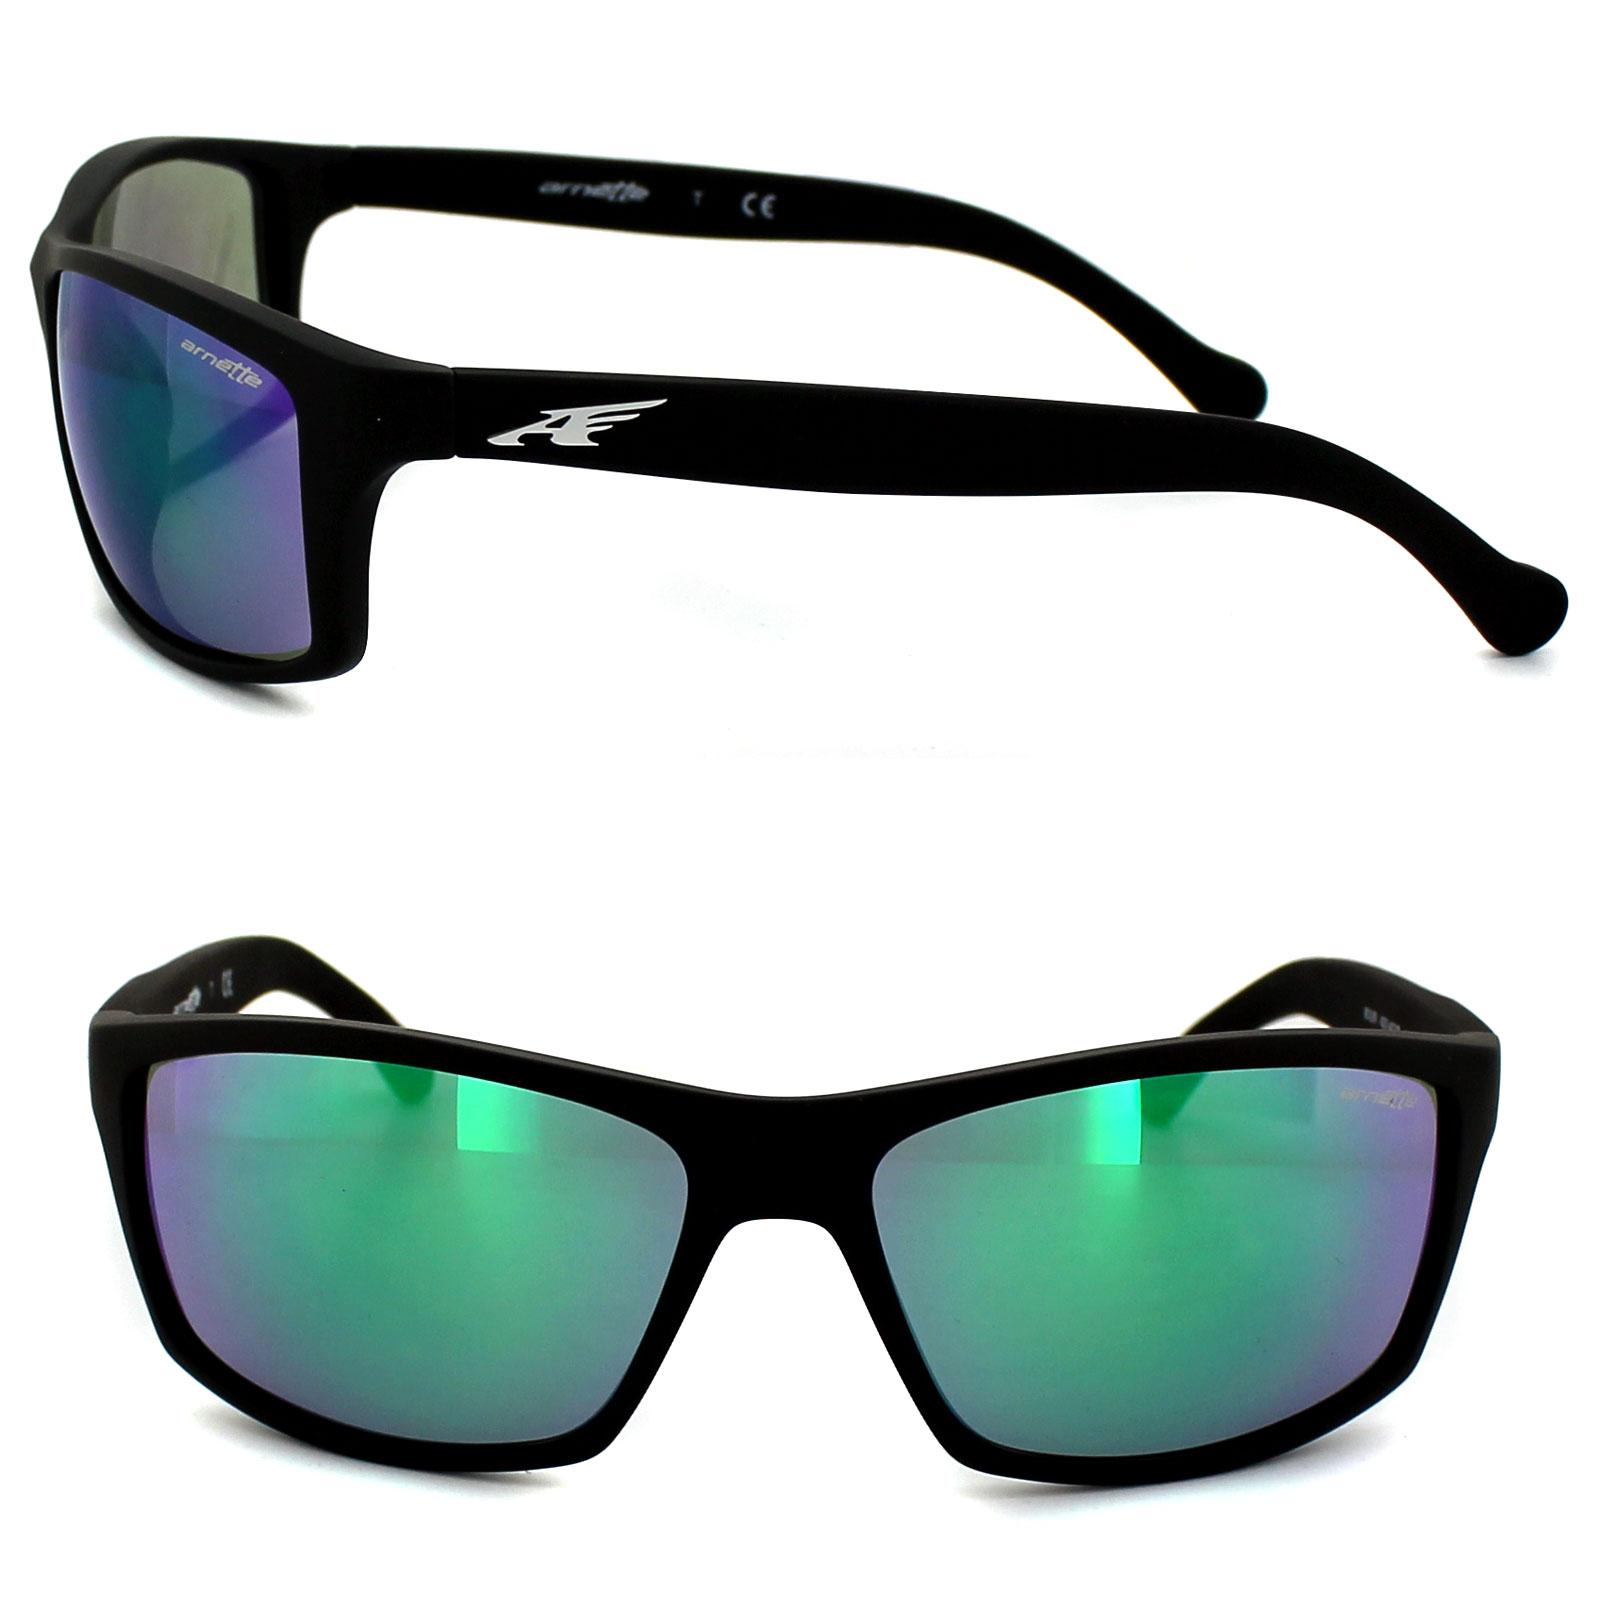 a95b096863 Arnette 4207 Boiler Sunglasses Thumbnail 1 Arnette 4207 Boiler Sunglasses  Thumbnail 2 ...